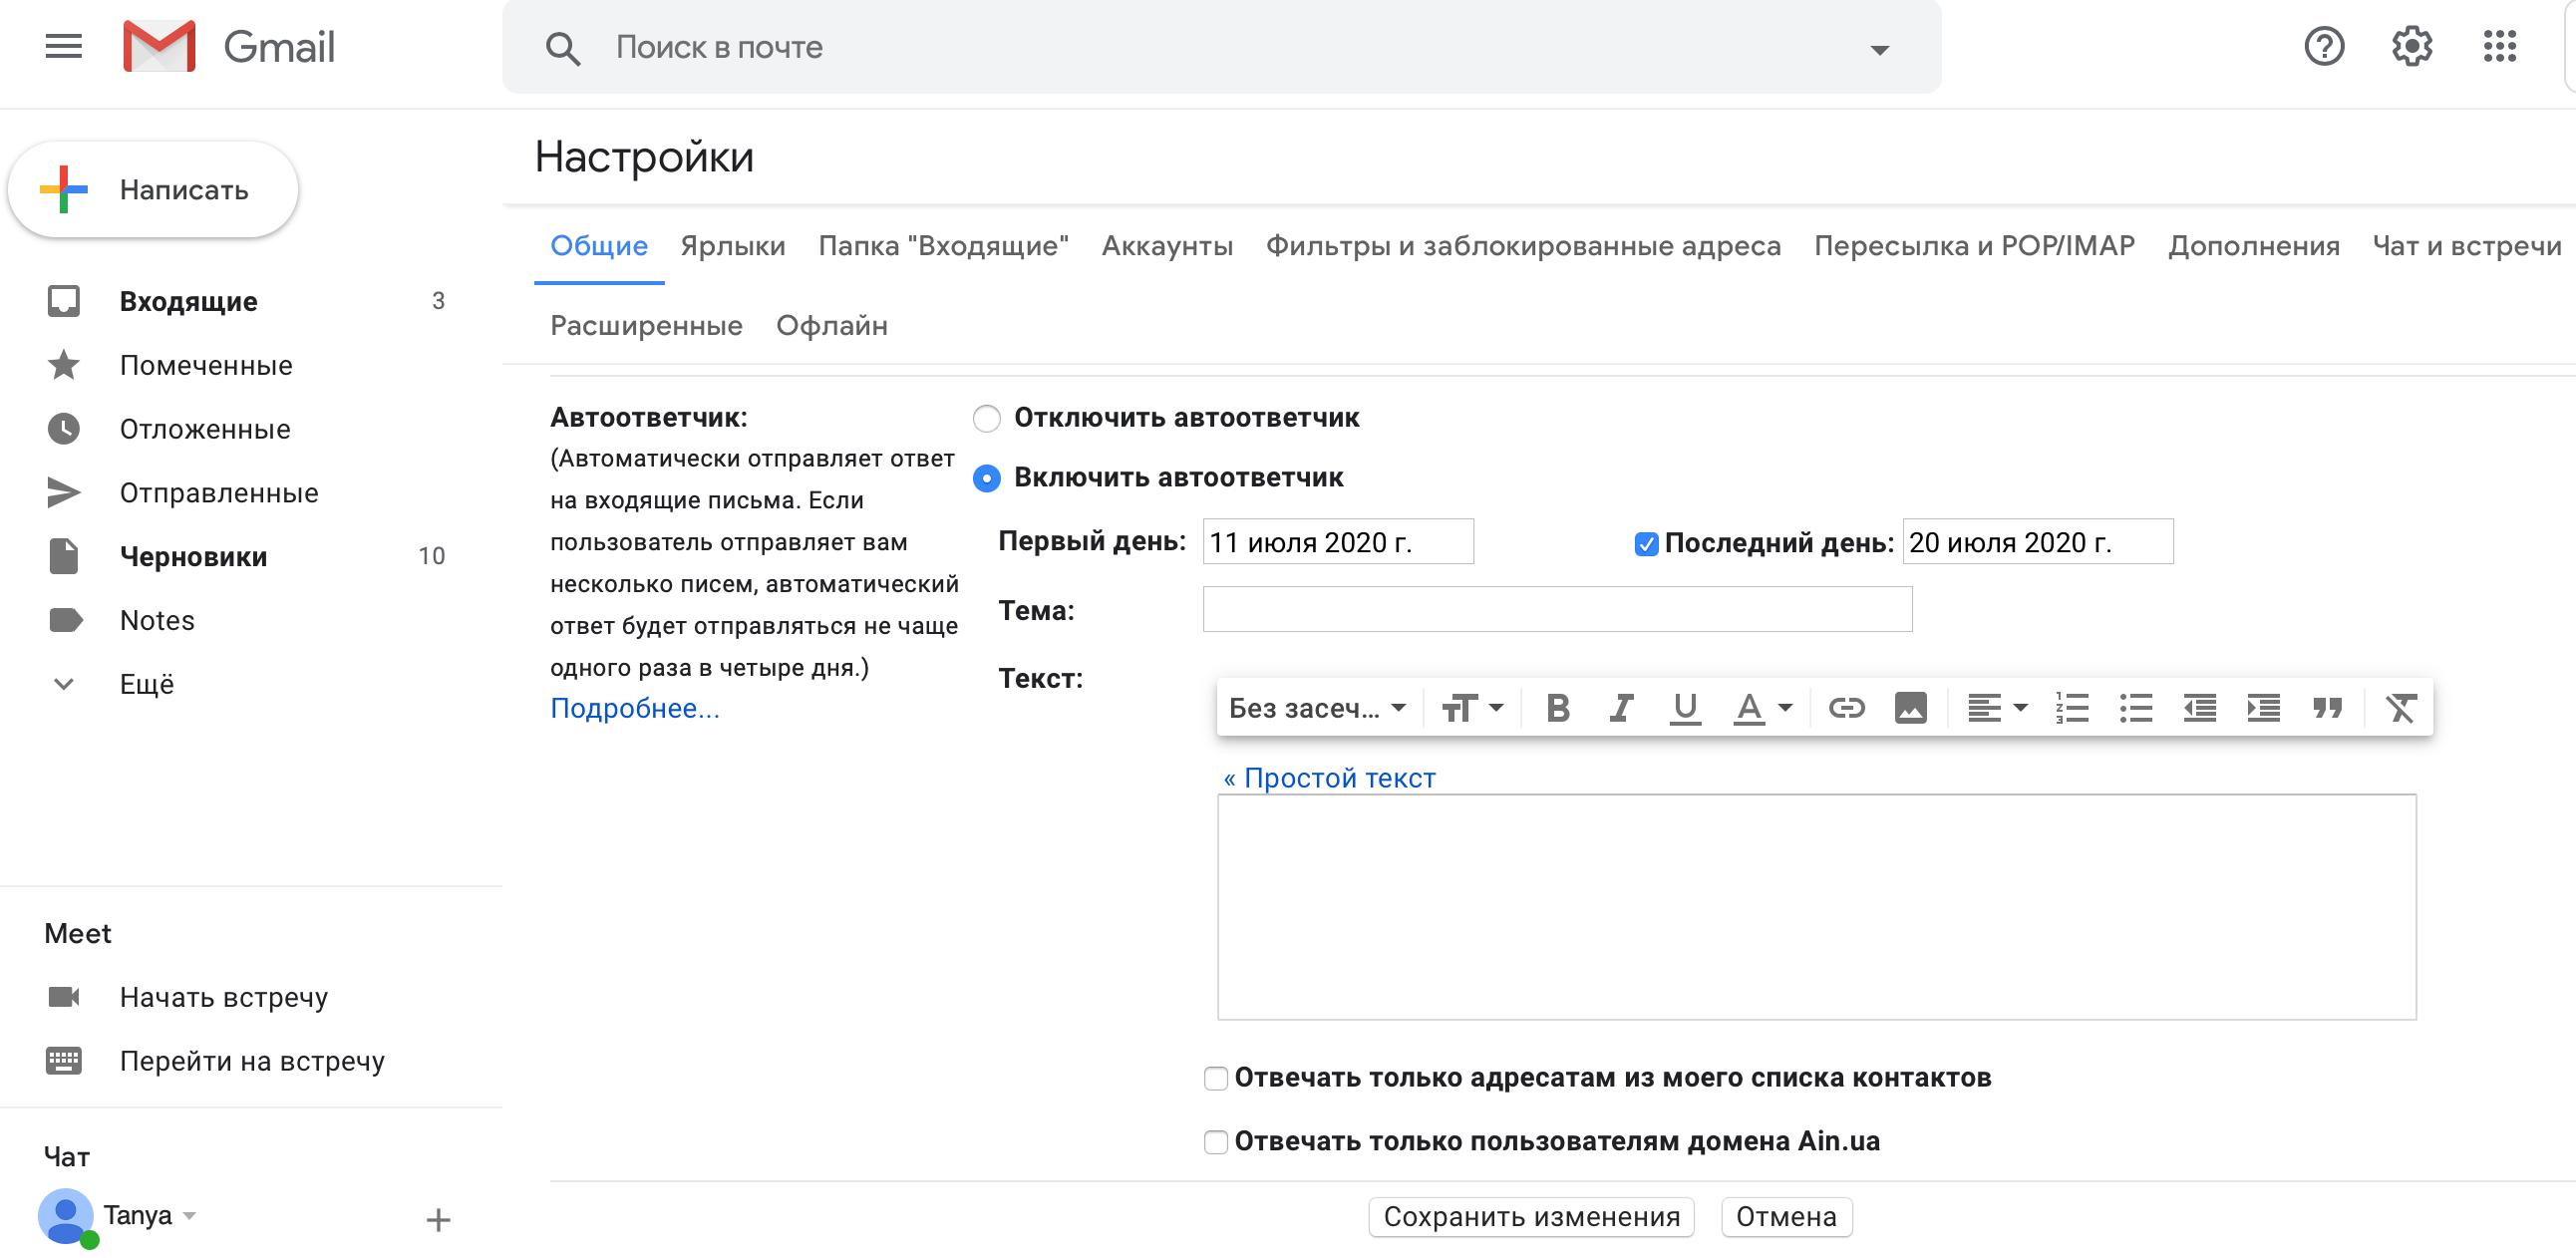 Як налаштувати автовідповідач в Gmail - інструкція - tech, news, lajfhak